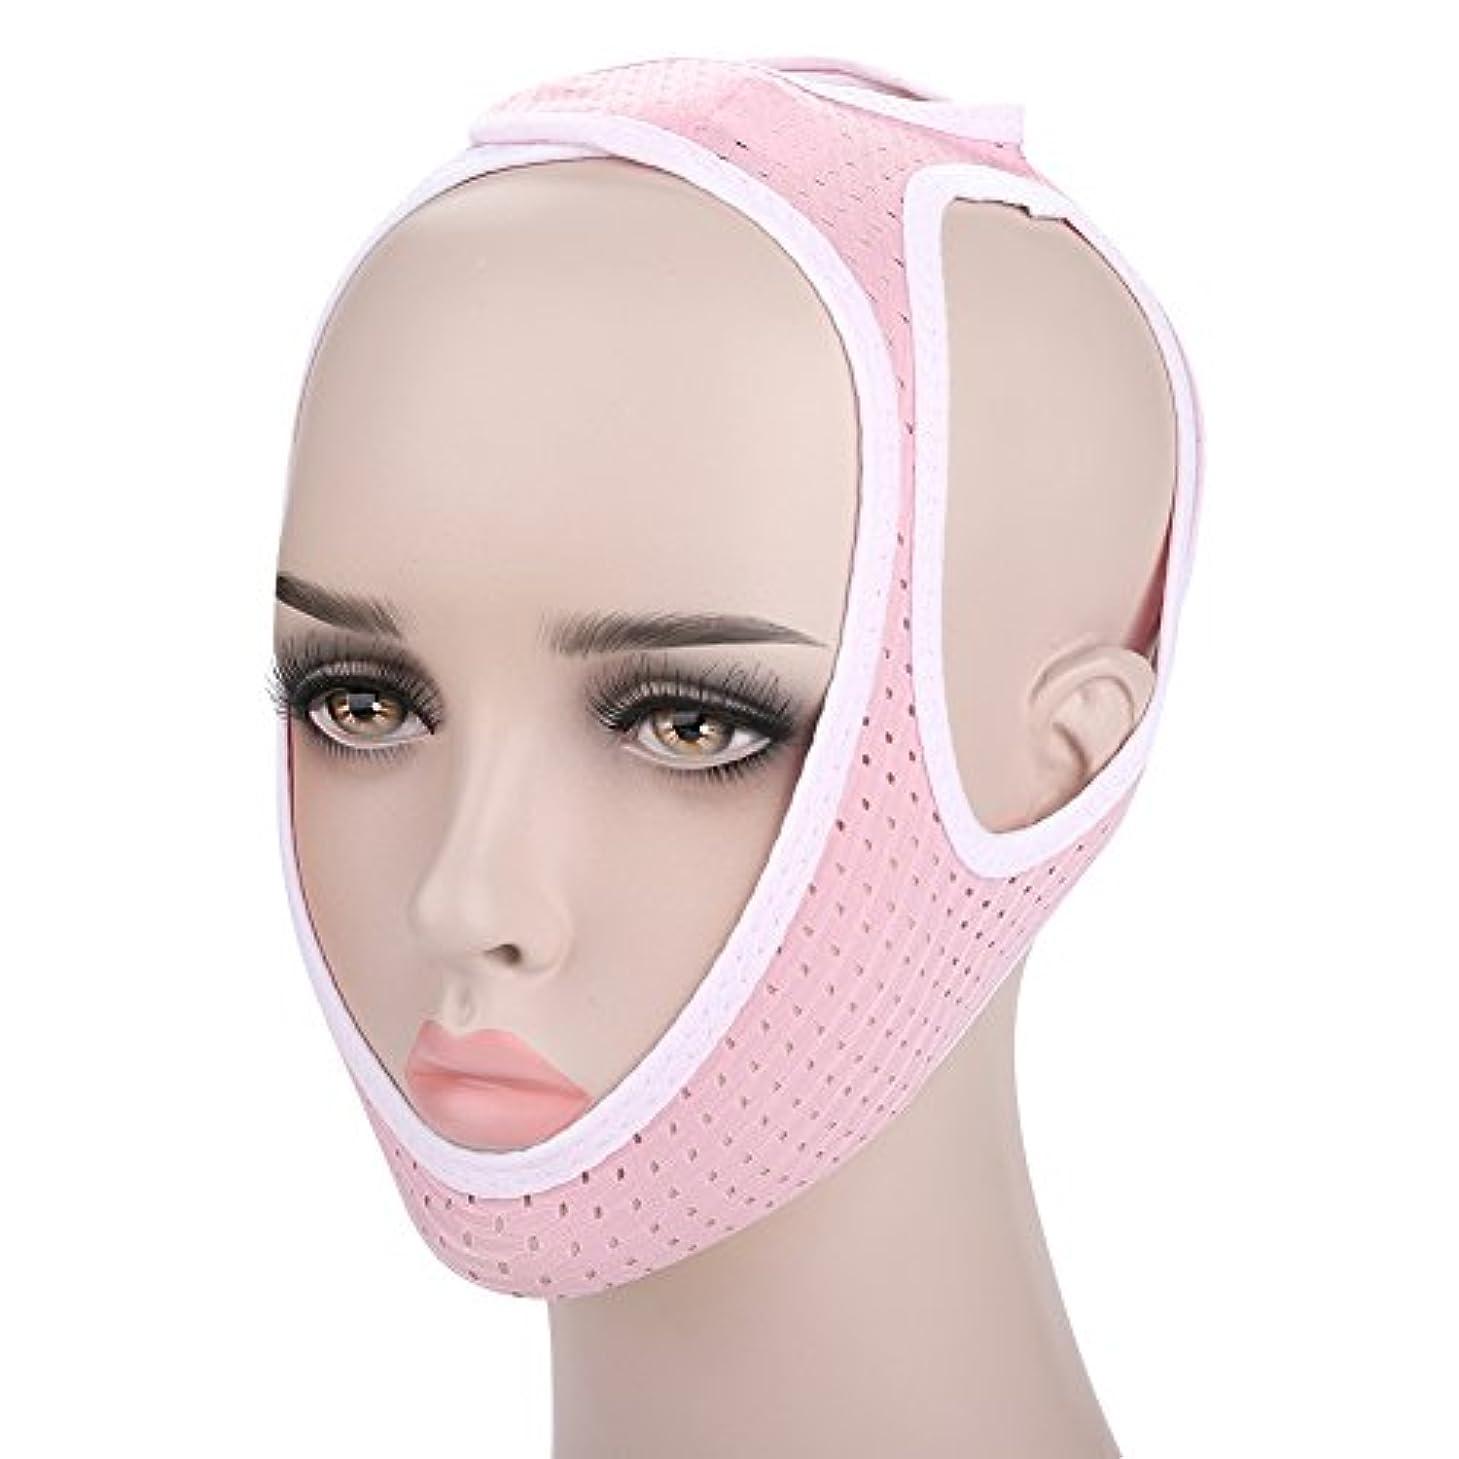 限り今後ライセンス小顔 顎リフト 小顔マスク フェイシャルスリミングマスク グッズ フェイス マスク 顔の包帯スリ 小顔ベルト男女兼用 (L)